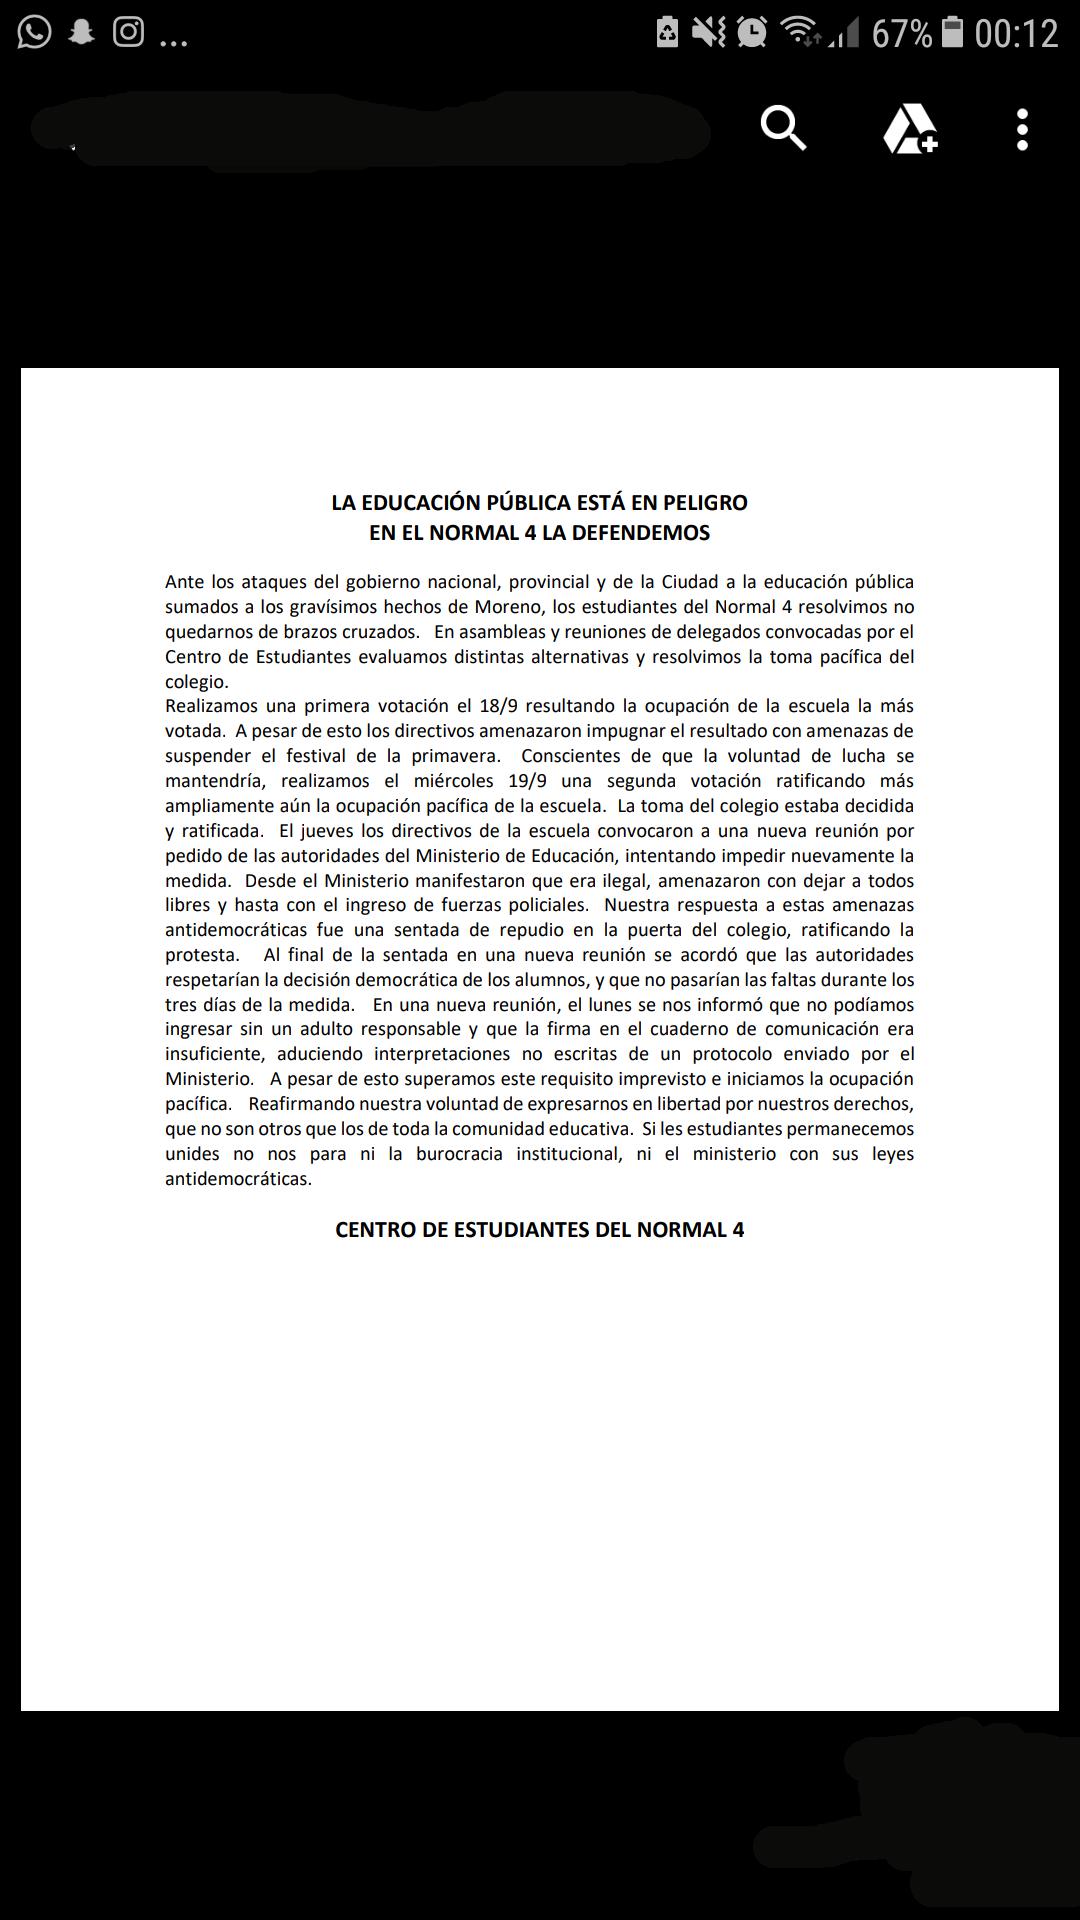 180927 - Normal 4 - Declaración del Centro de Estudiantes